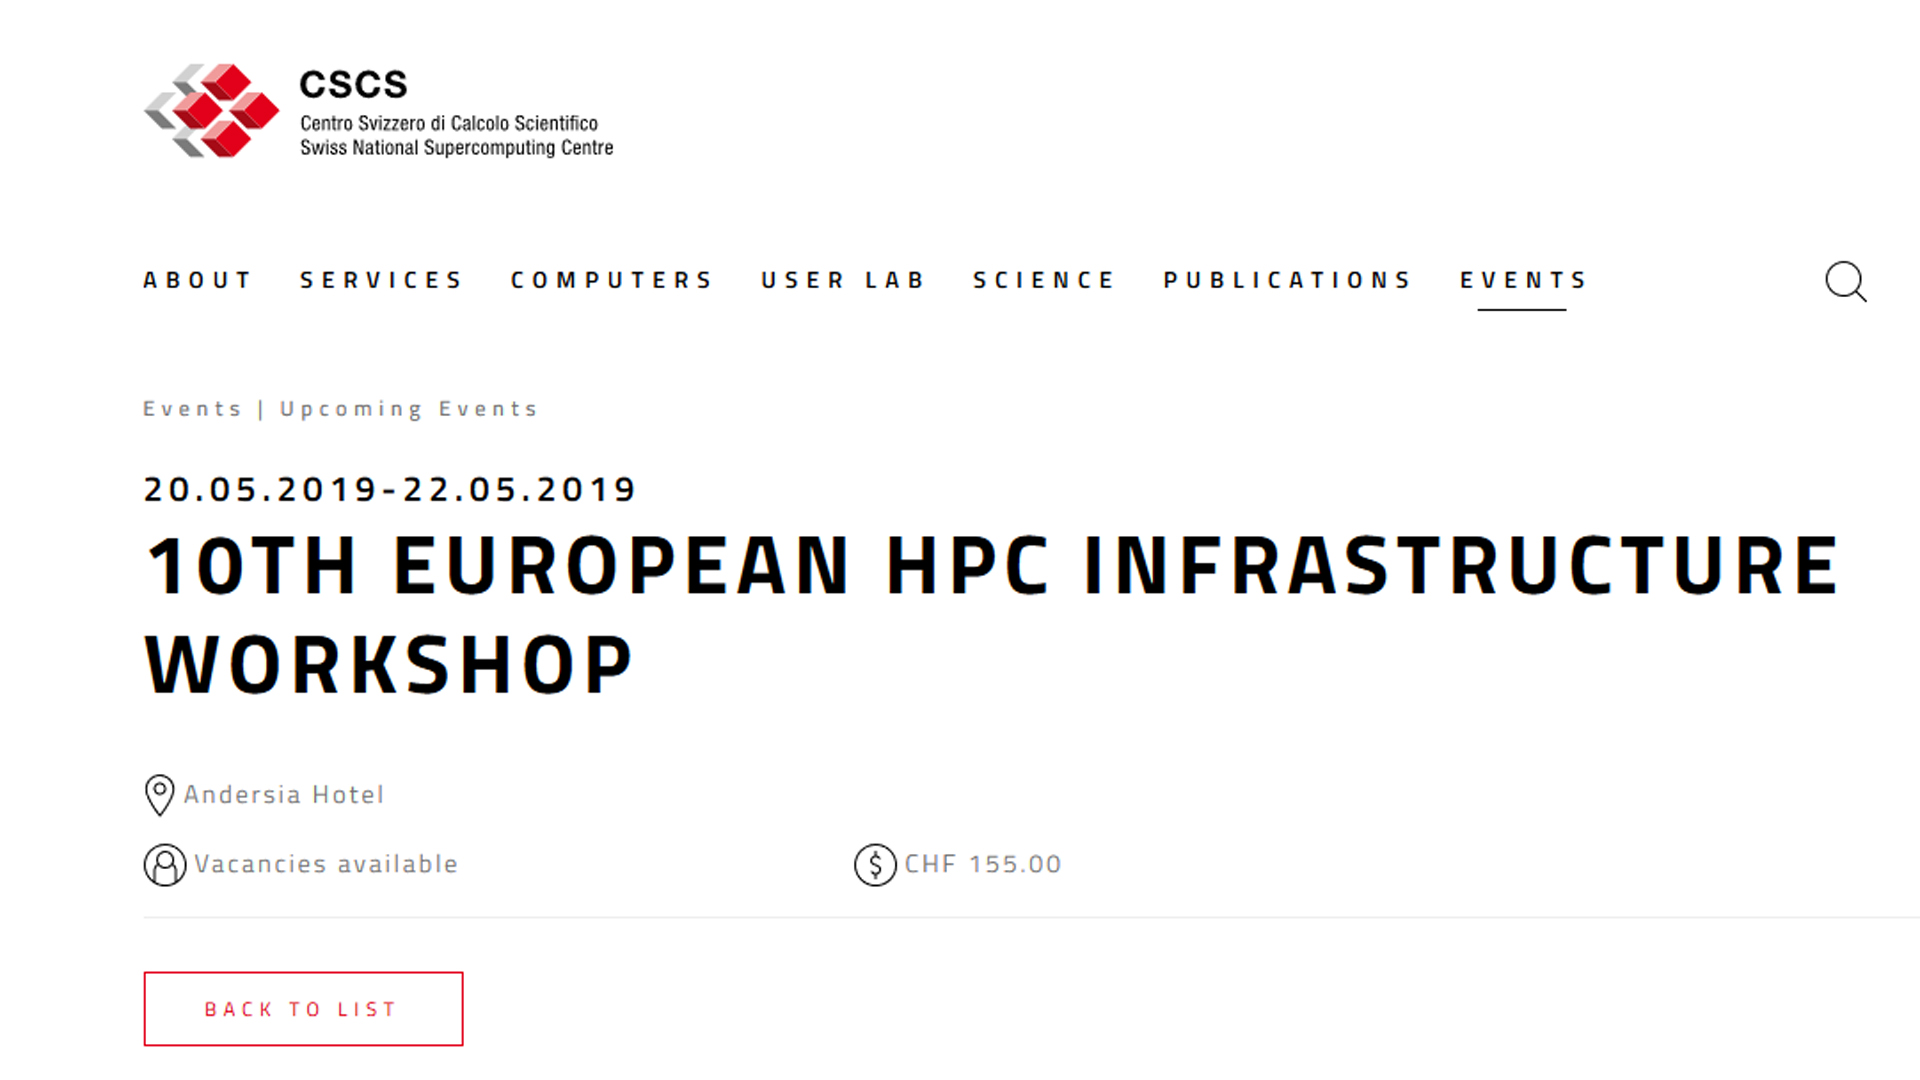 Zapraszamy do rejestracji na 10th European HPC Infrastructure Workshop